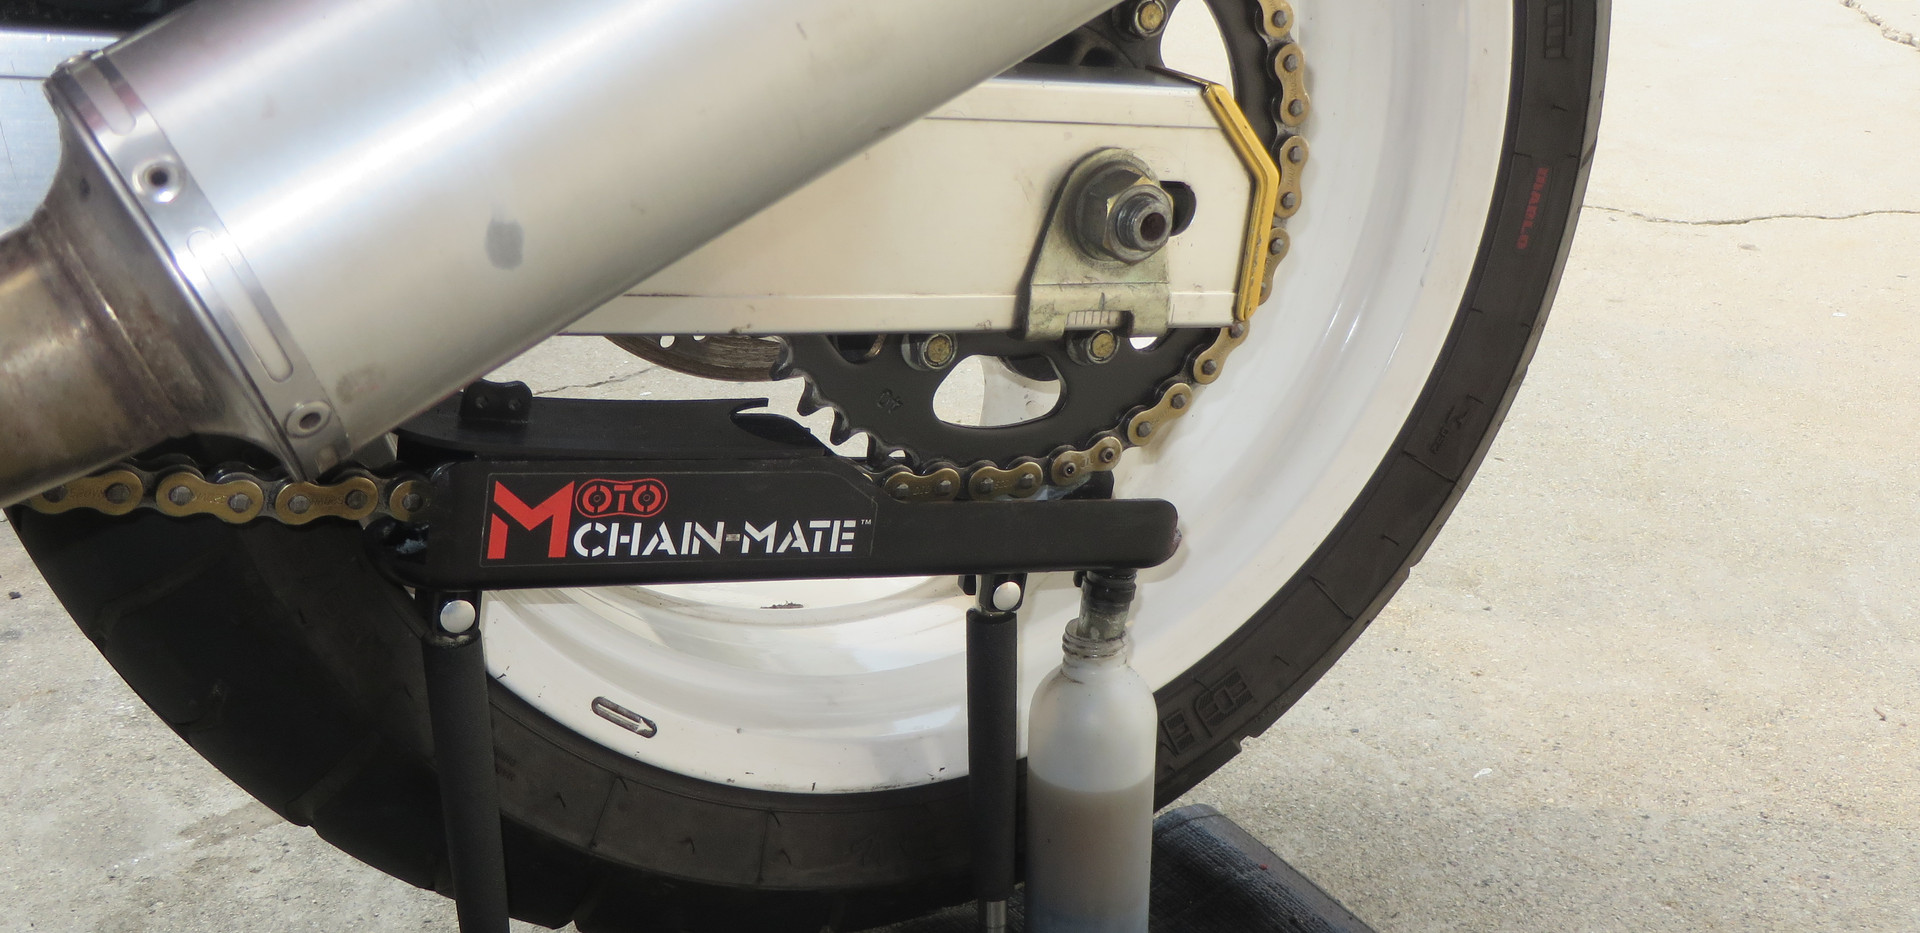 Moto Chain-.Mate.JPG